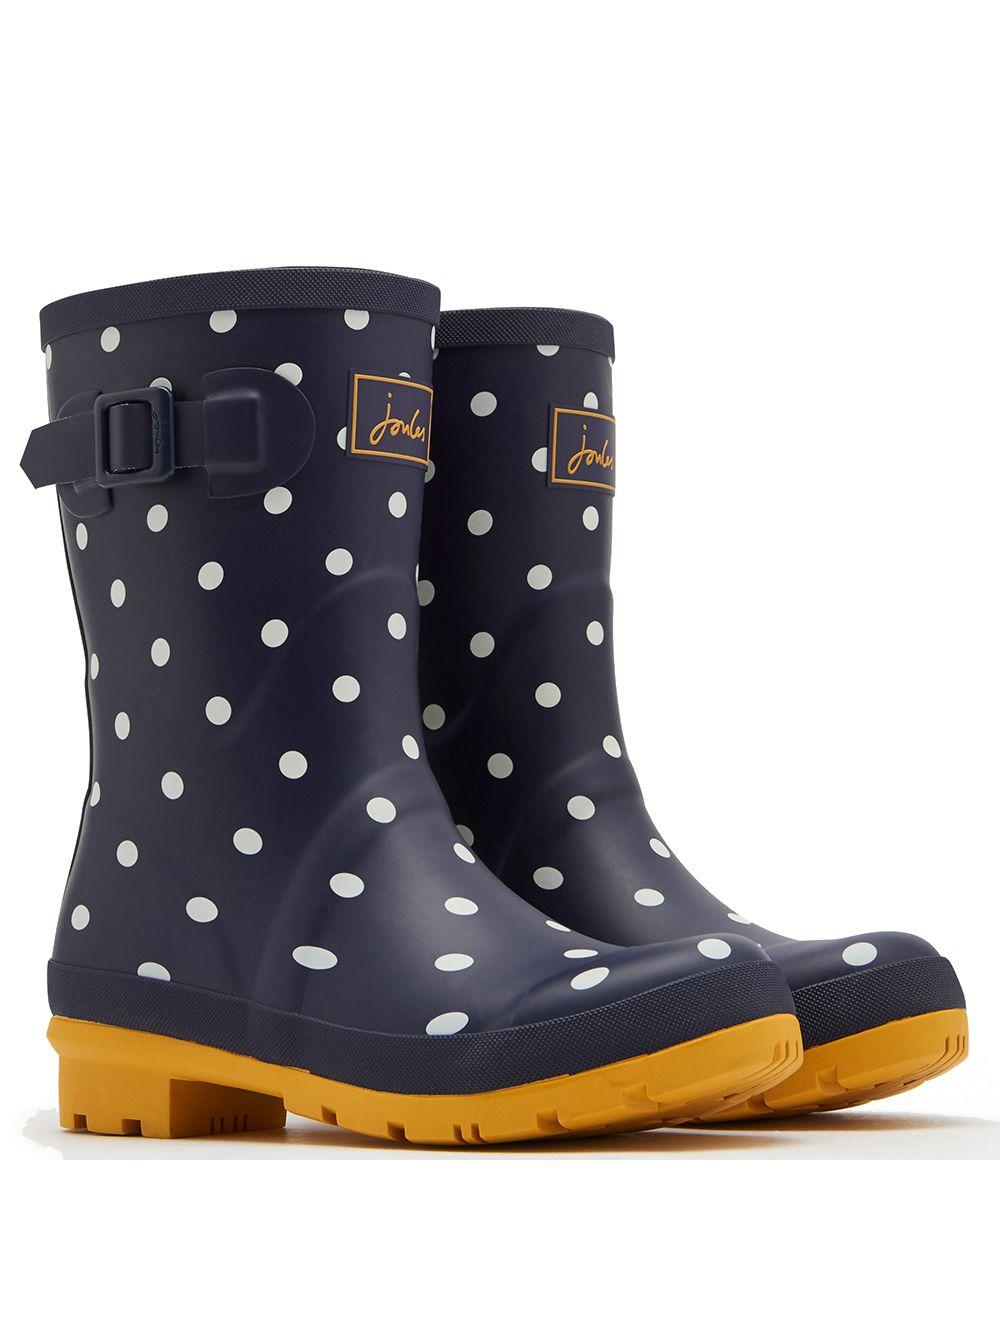 Regenlaarzen online kopen bij fashionbootznl de nr 1 voor